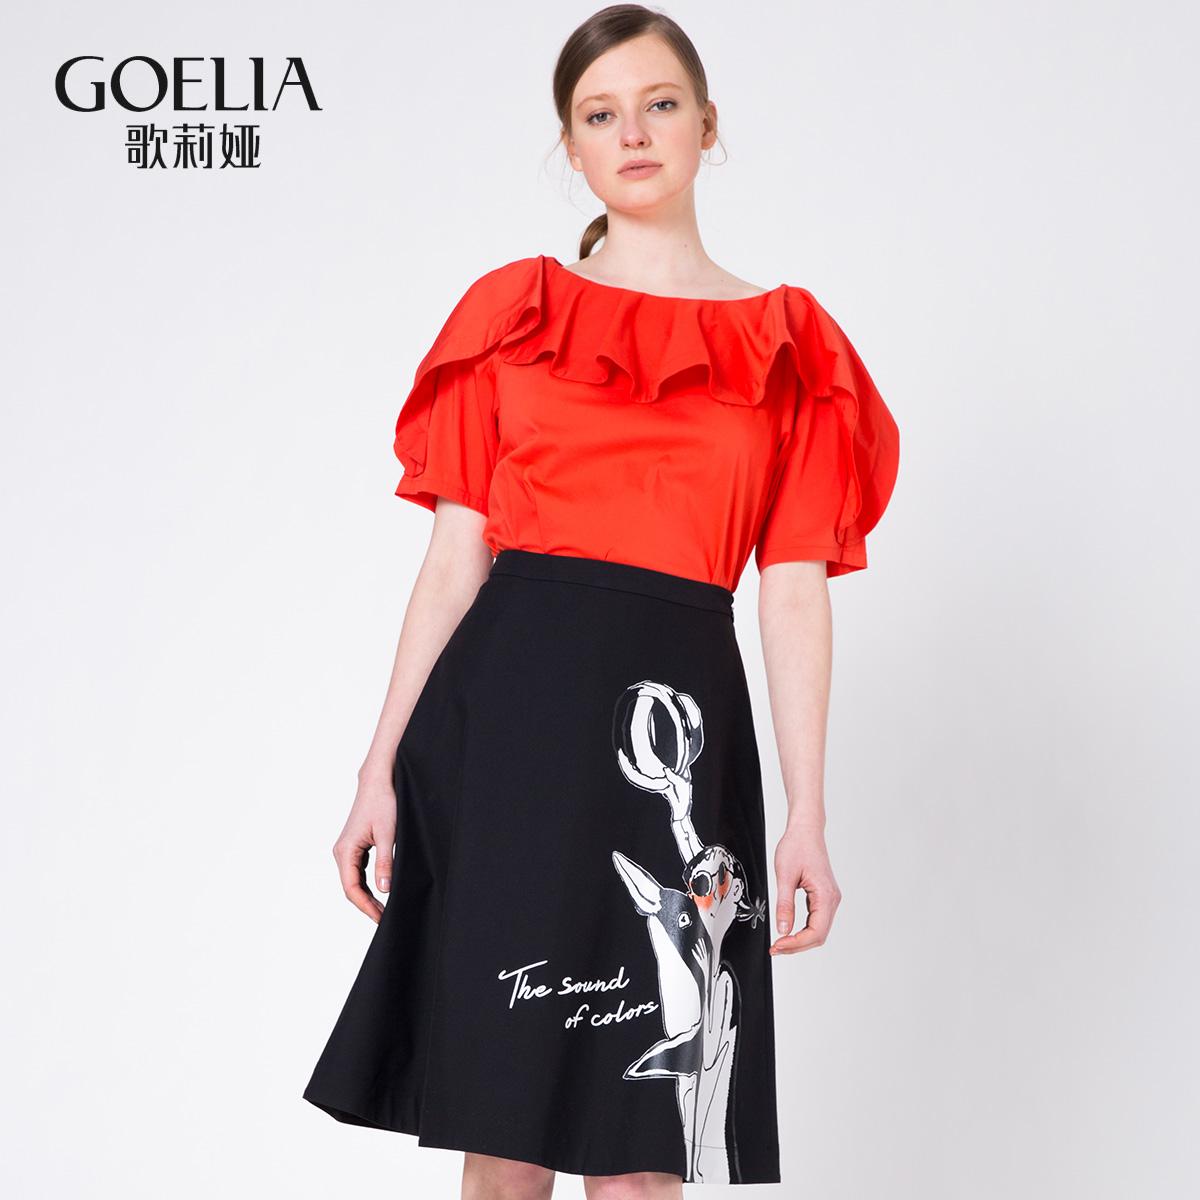 歌莉娅女装 GLORIA歌莉娅宽松荷叶领梭织衫净色短袖上衣 164C3C04B_推荐淘宝好看的歌莉娅